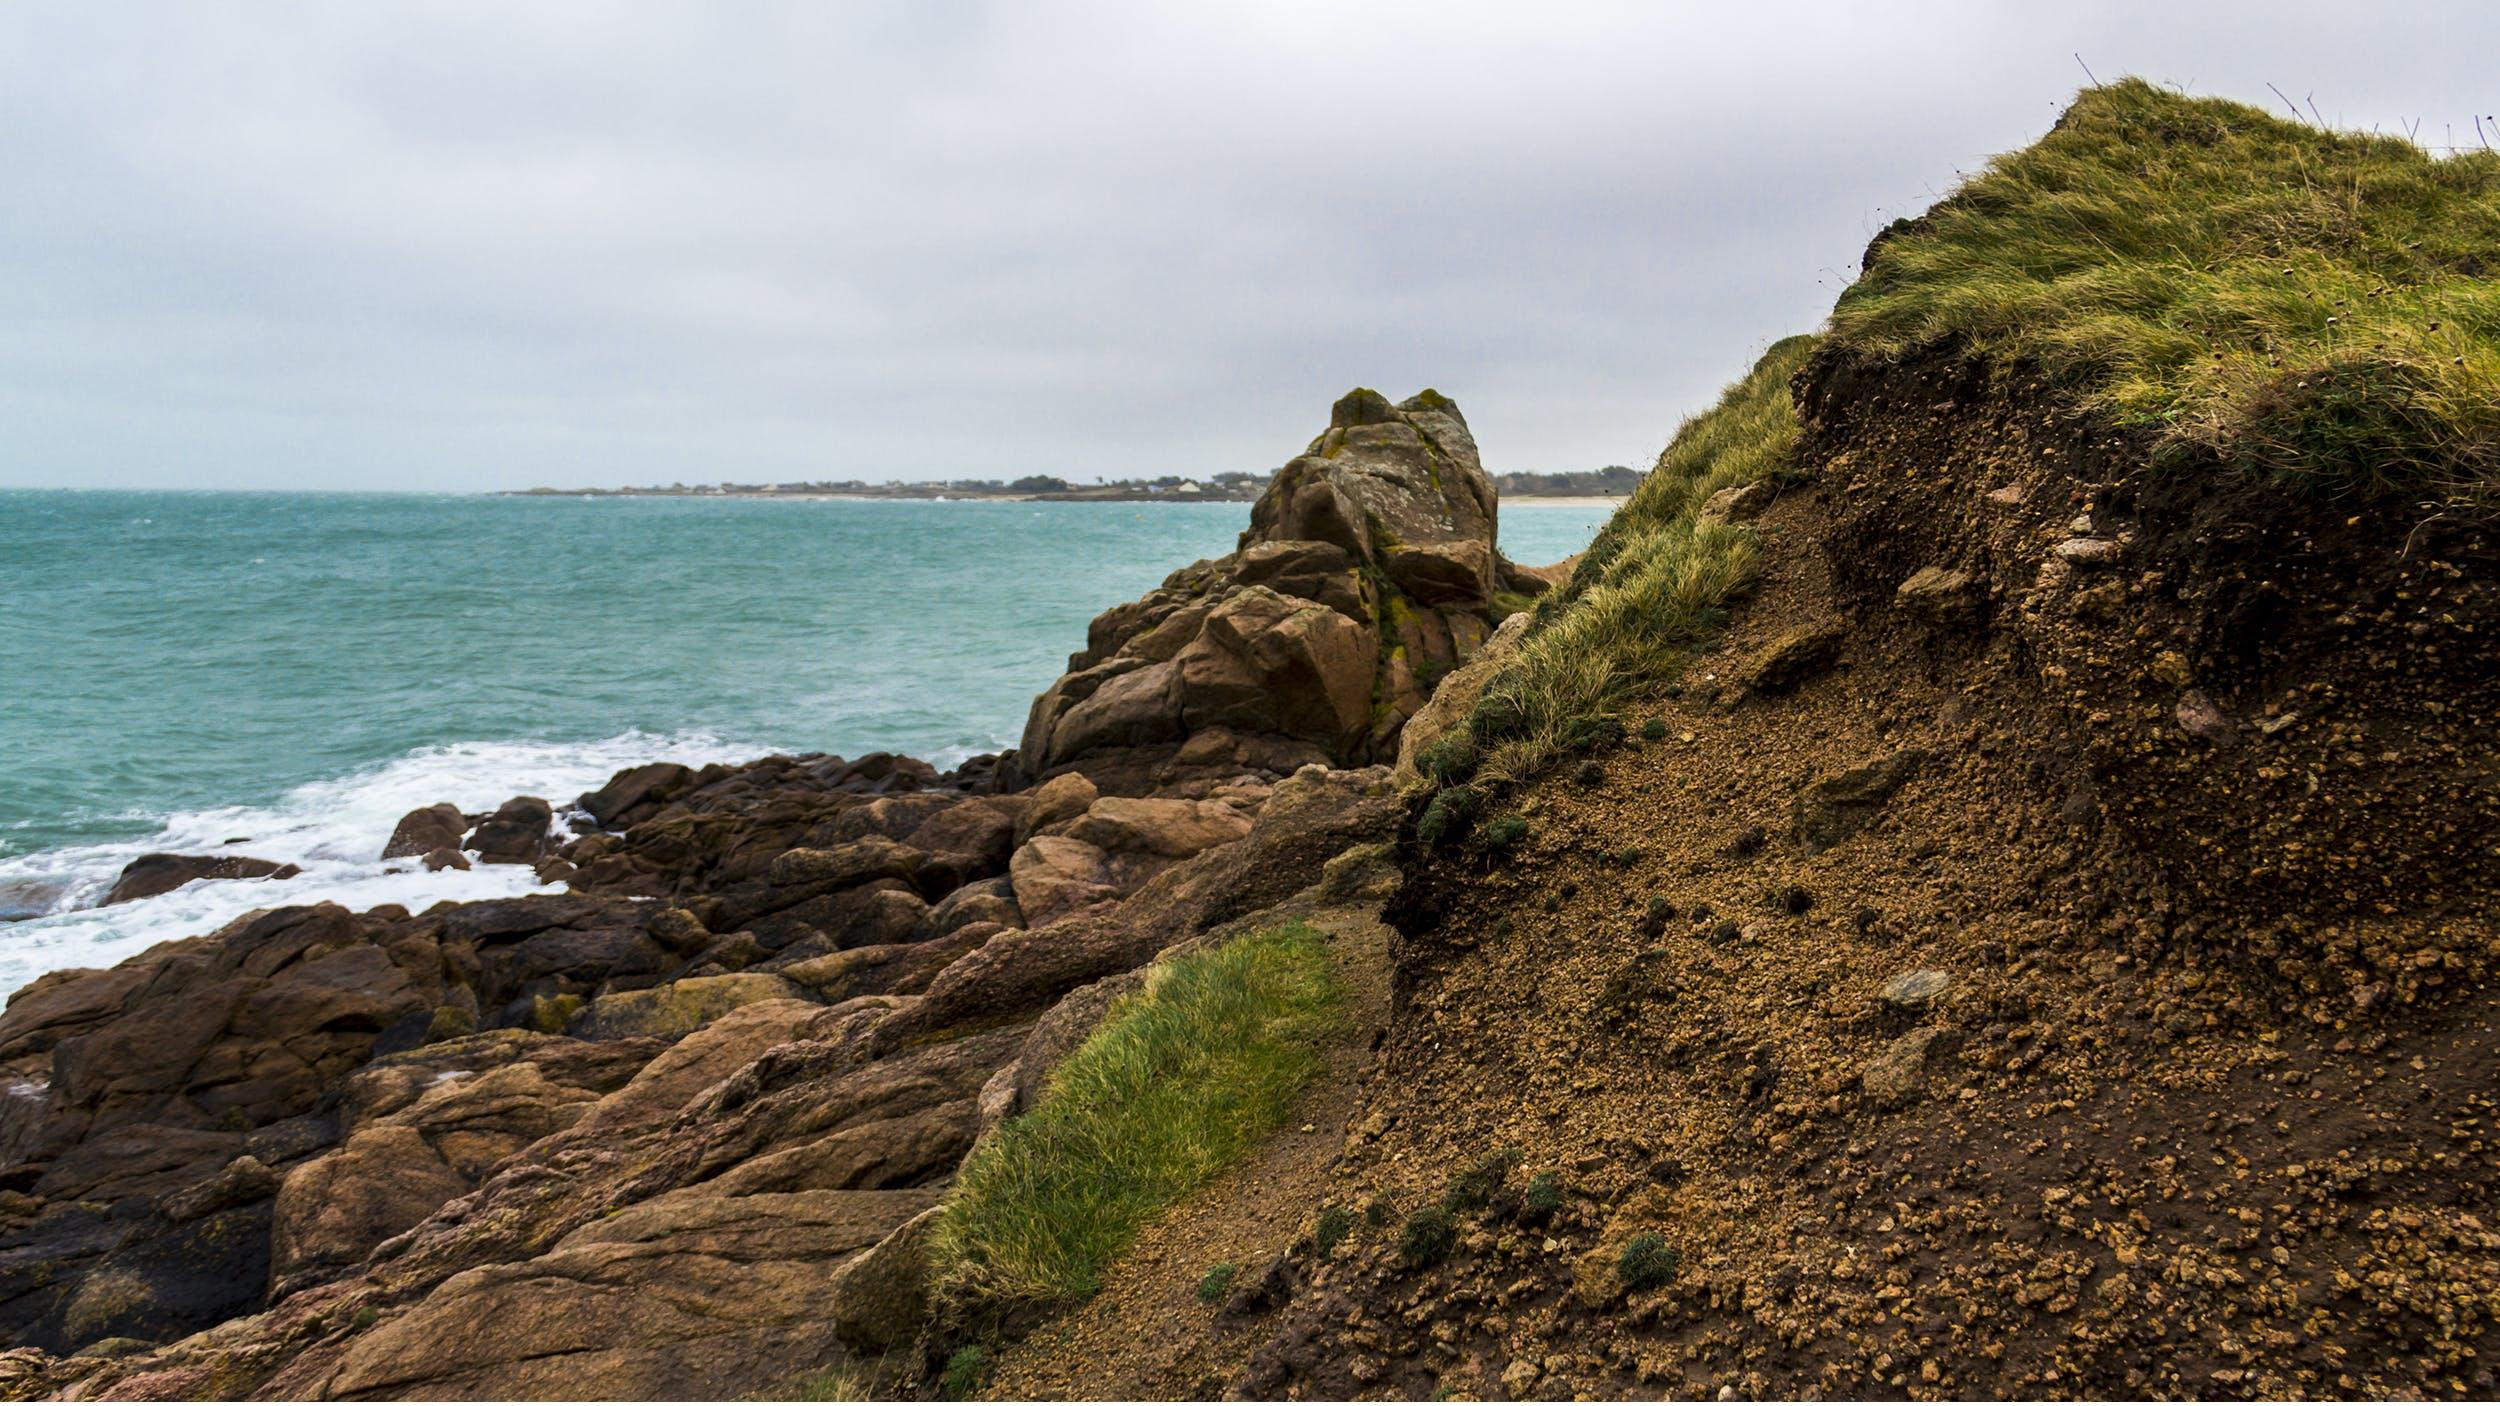 Δωρεάν στοκ φωτογραφιών με rock, άμμος, βραχώδης, βρύο